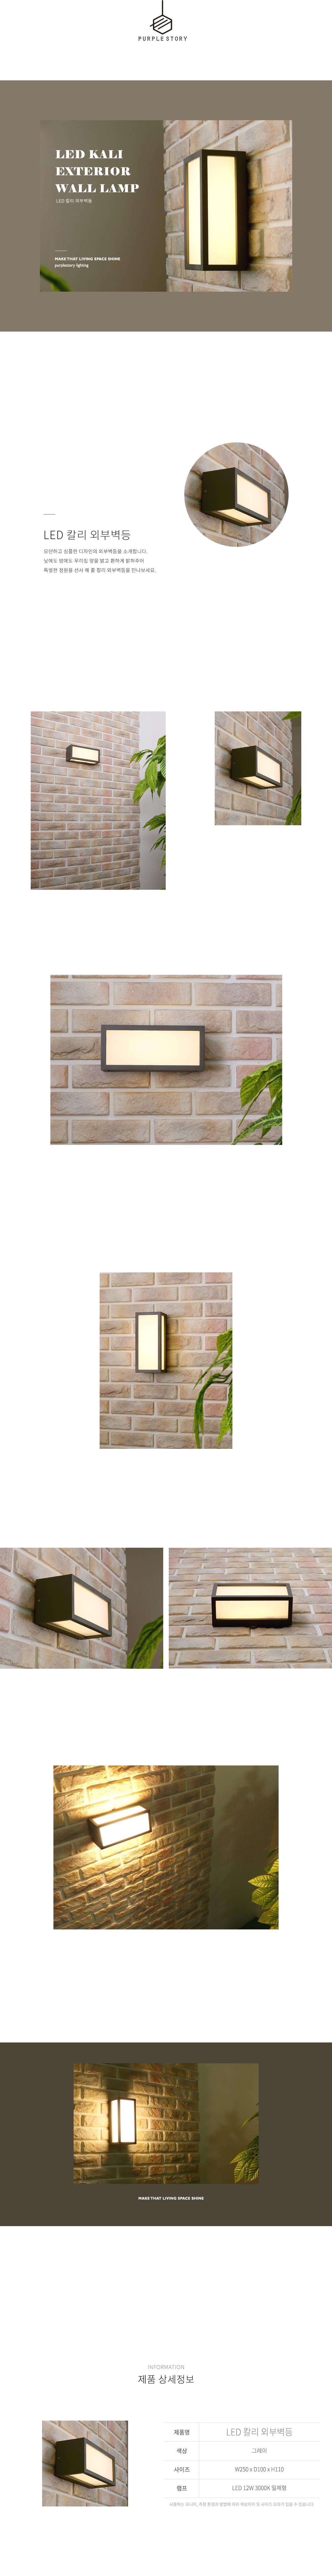 LED 칼리 외부벽등 12W - 퍼플스토리, 125,000원, 리빙조명, 벽조명